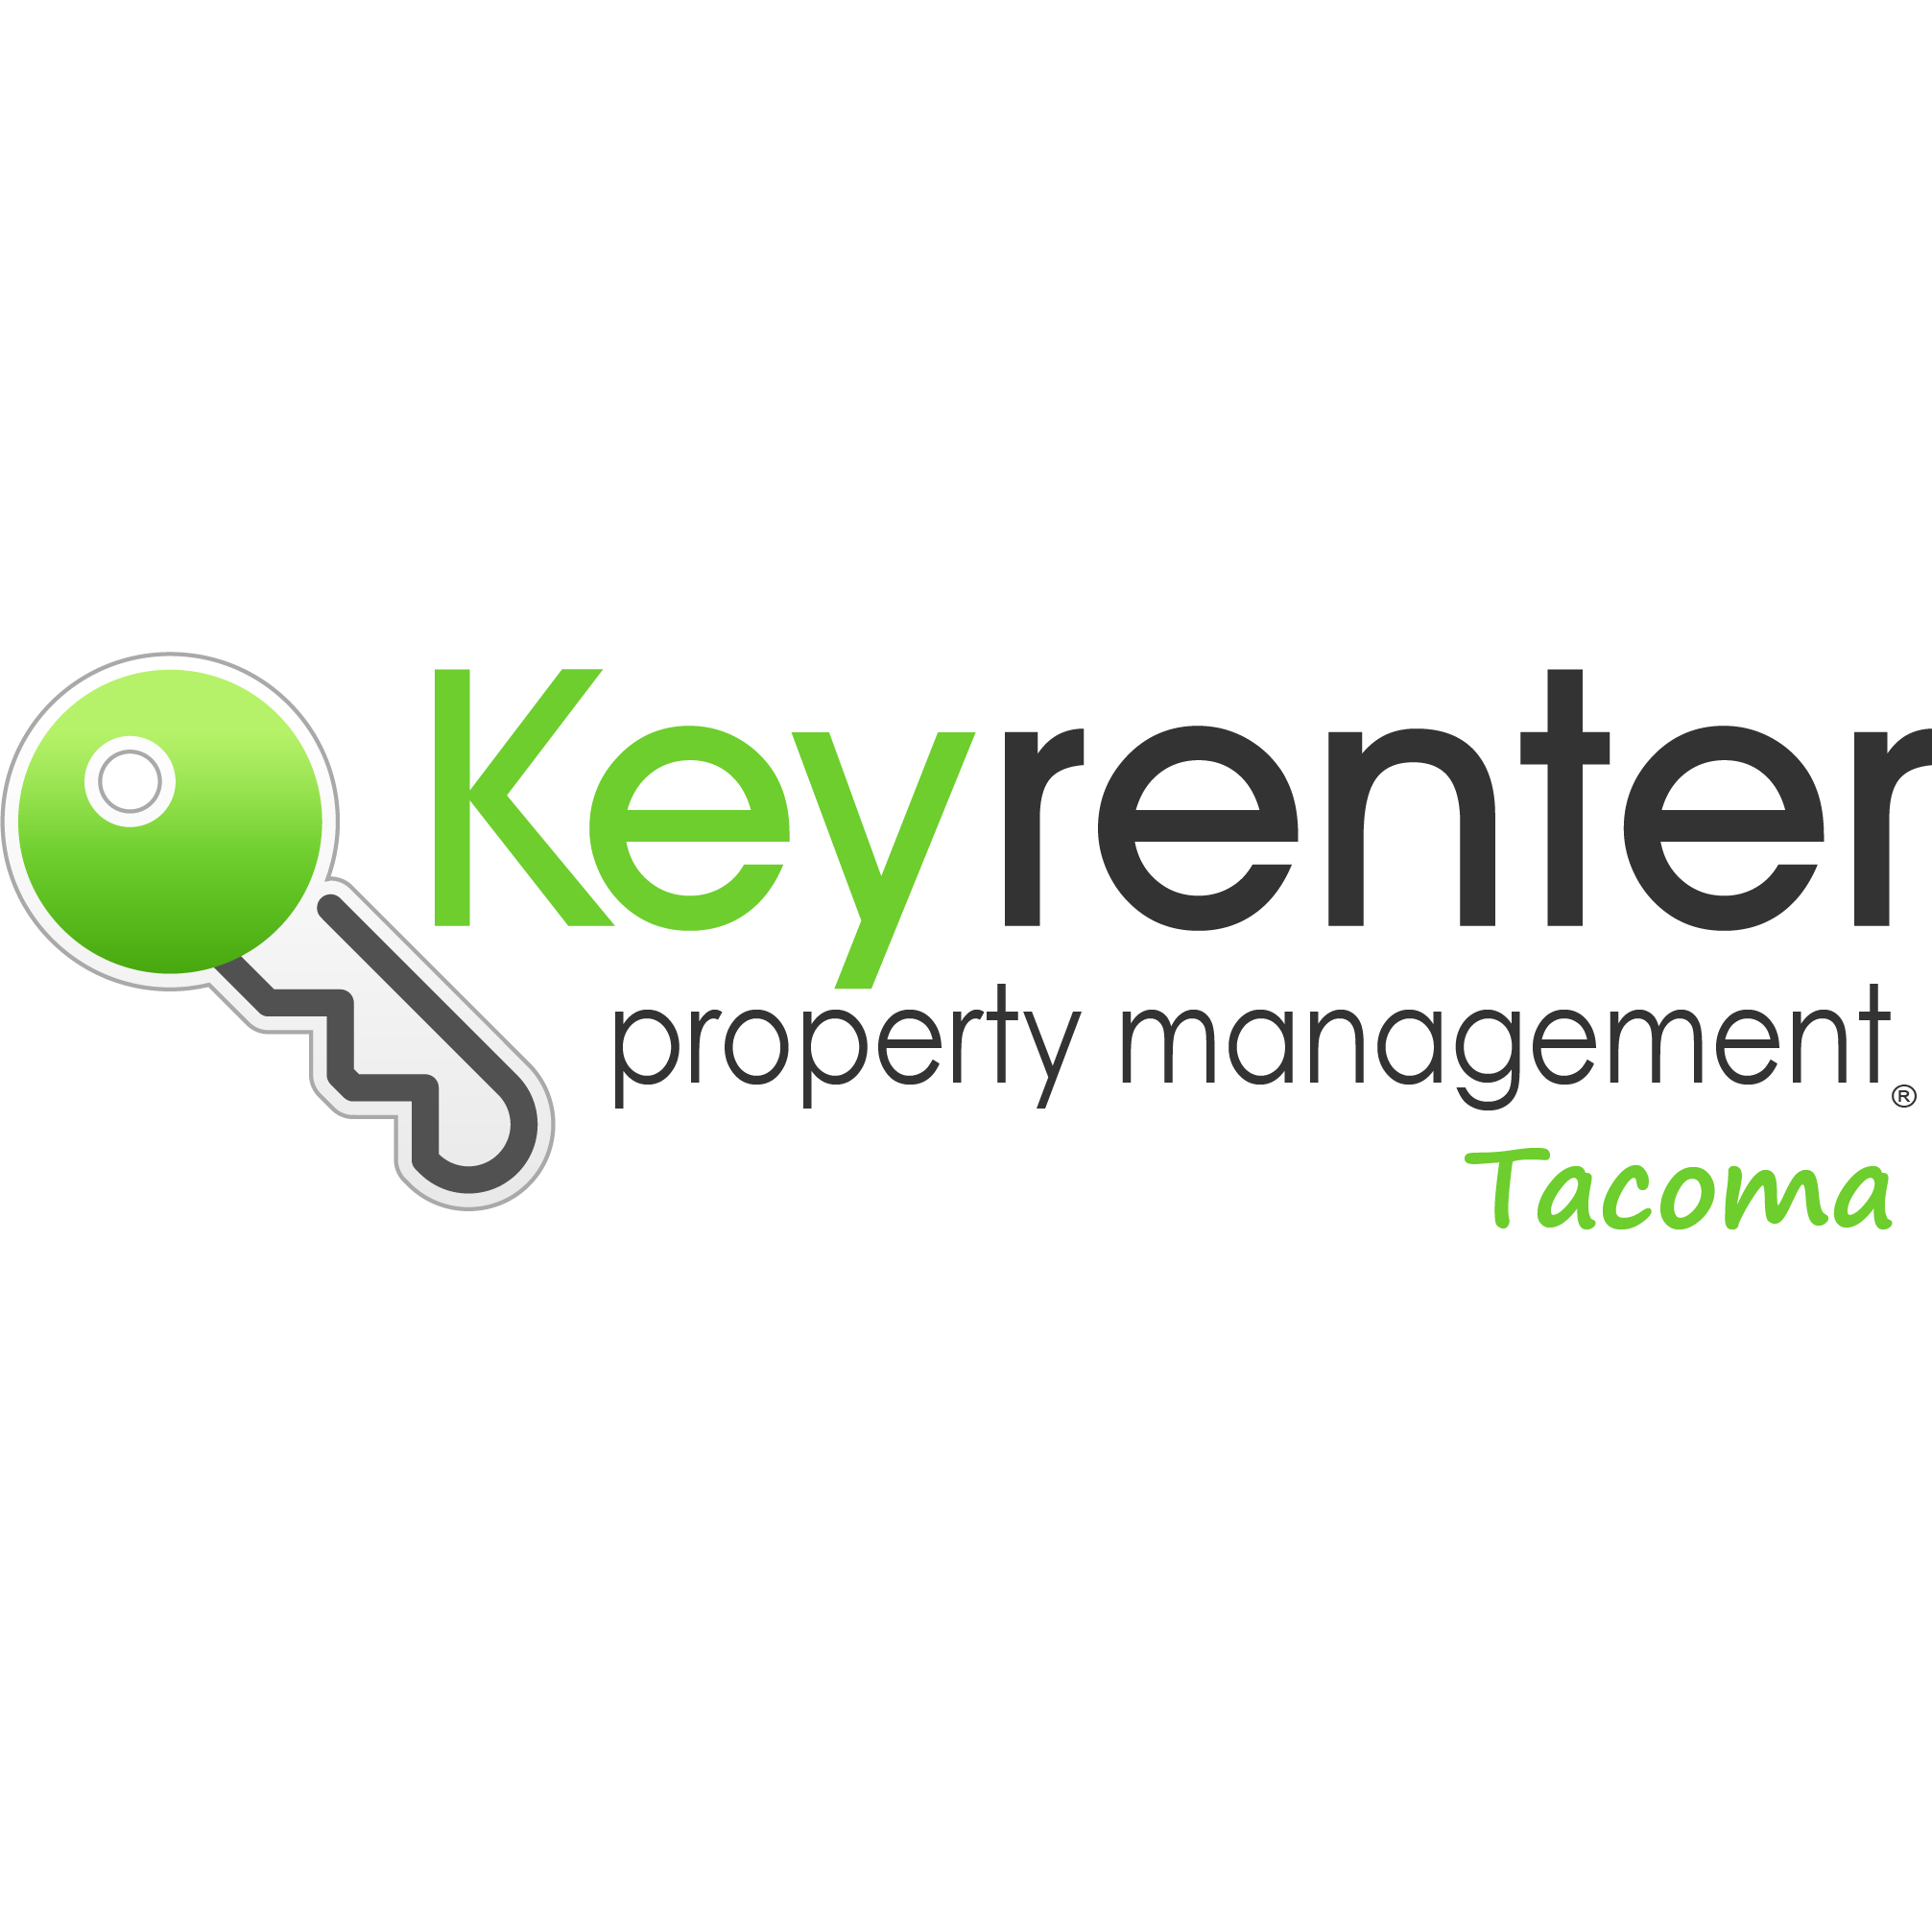 Keyrenter Property Management Tacoma